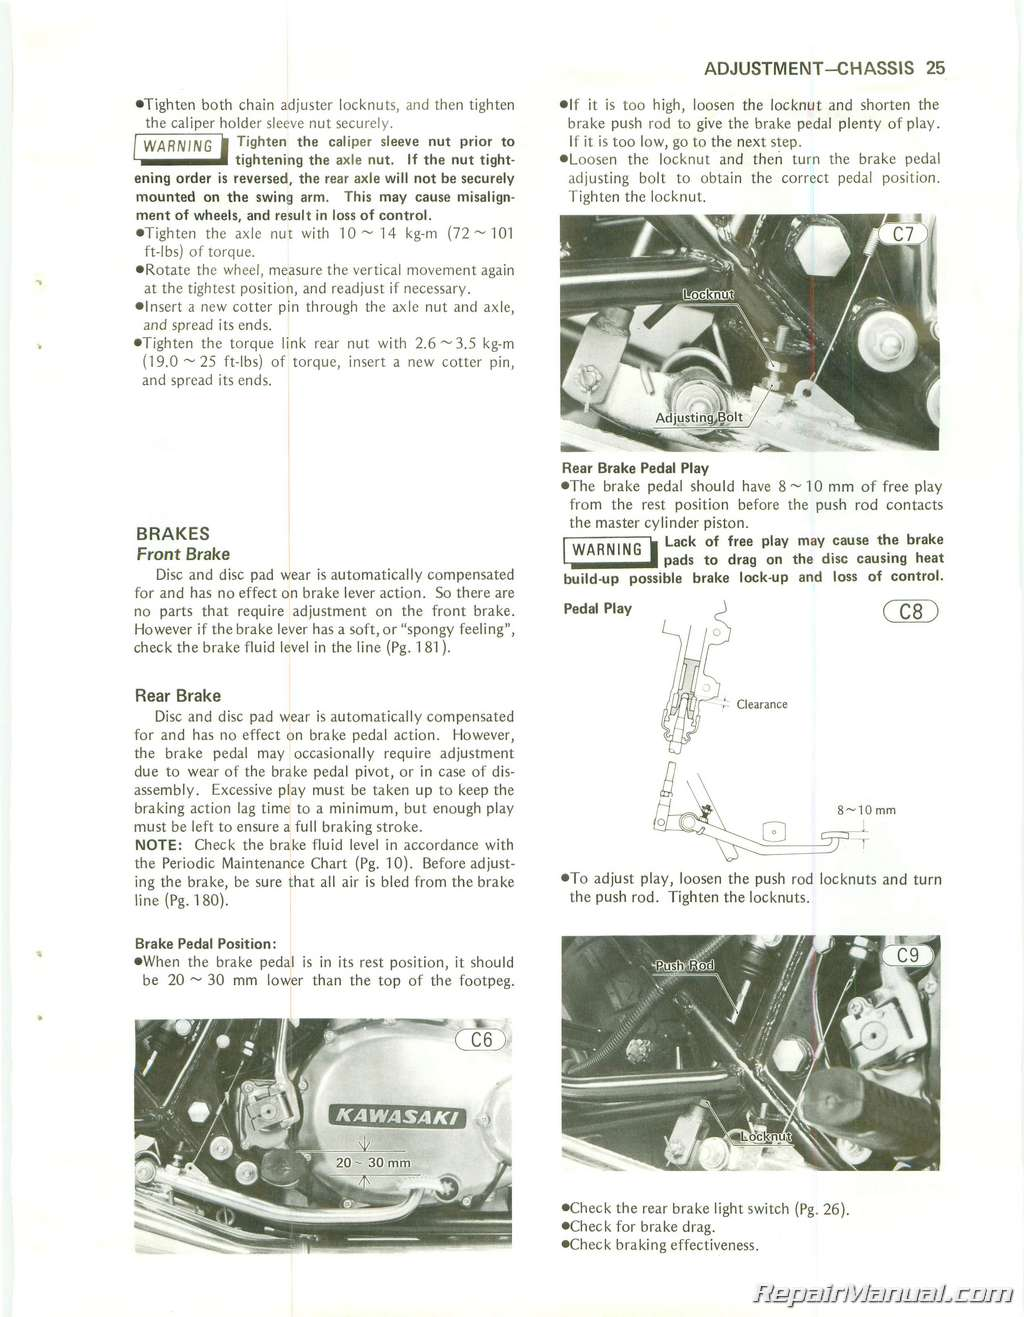 Wiring Diagram 1981 Kawasaki K Z 750 Reveolution Of Vn 1979 1984 Kz750 Twin Cylinder Motorcycle Repair Manual Rh Repairmanual Com 1985 Ltd Vulcan Bobber